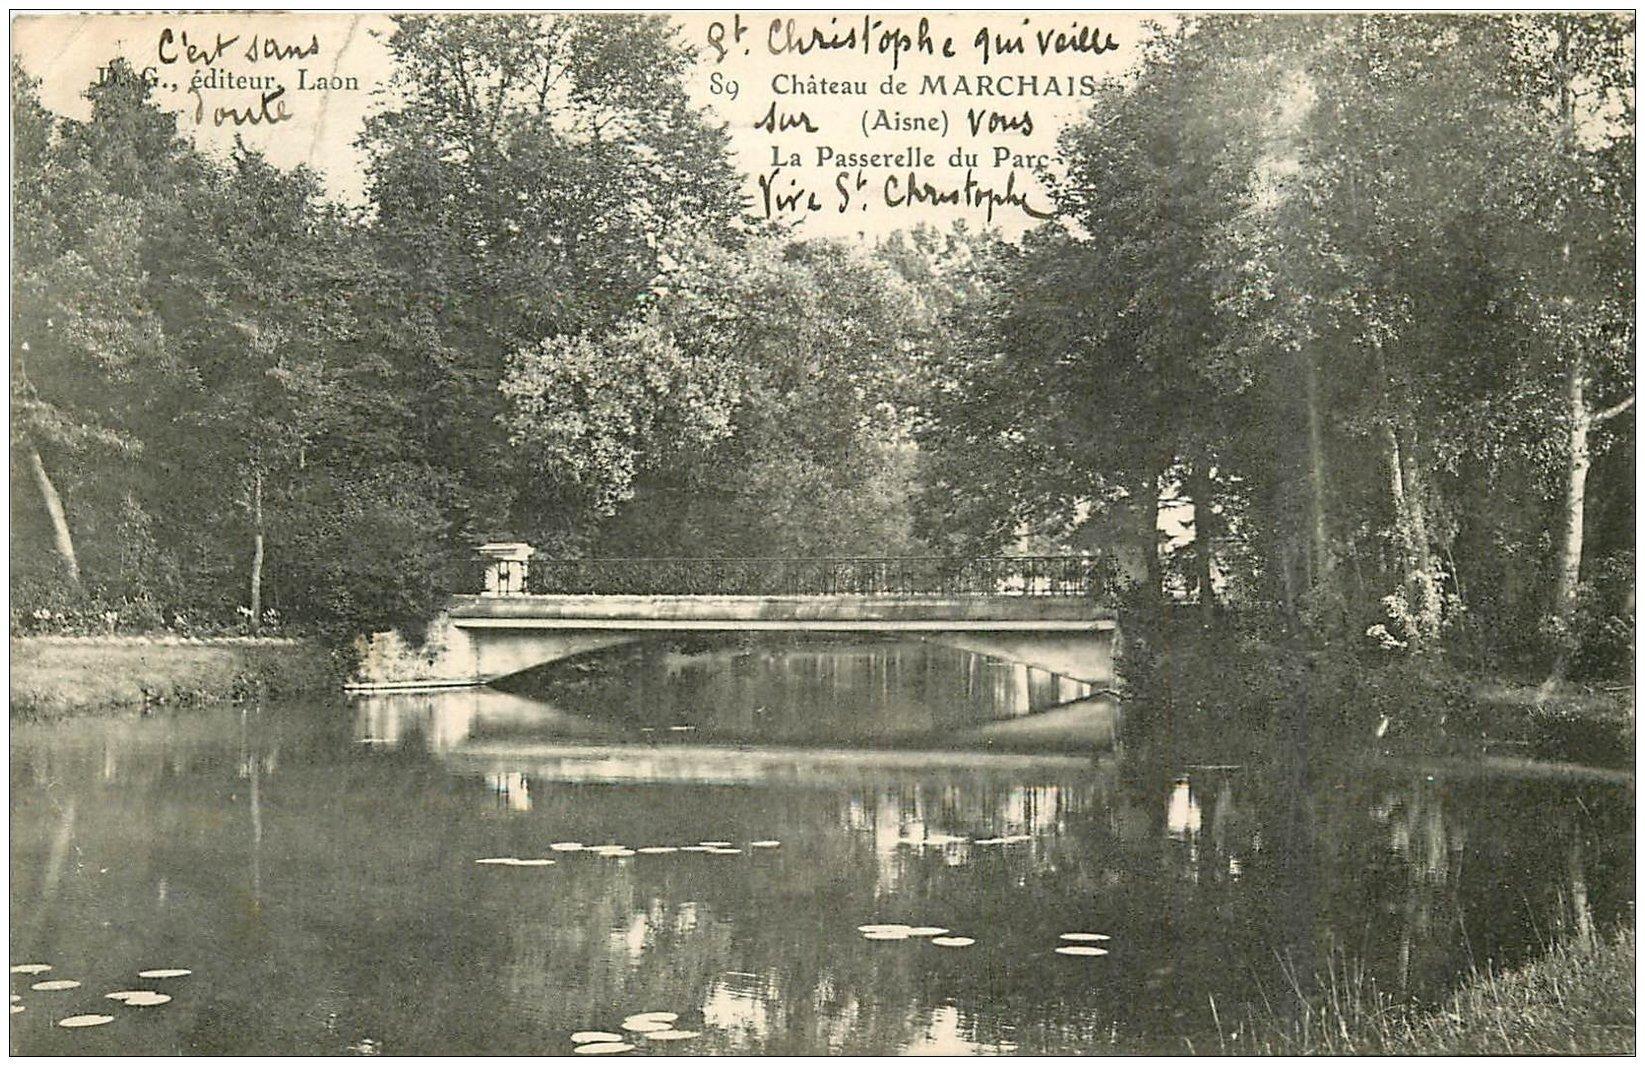 02 chateau de marchais passerelle du parc 1907 for Marchais 02